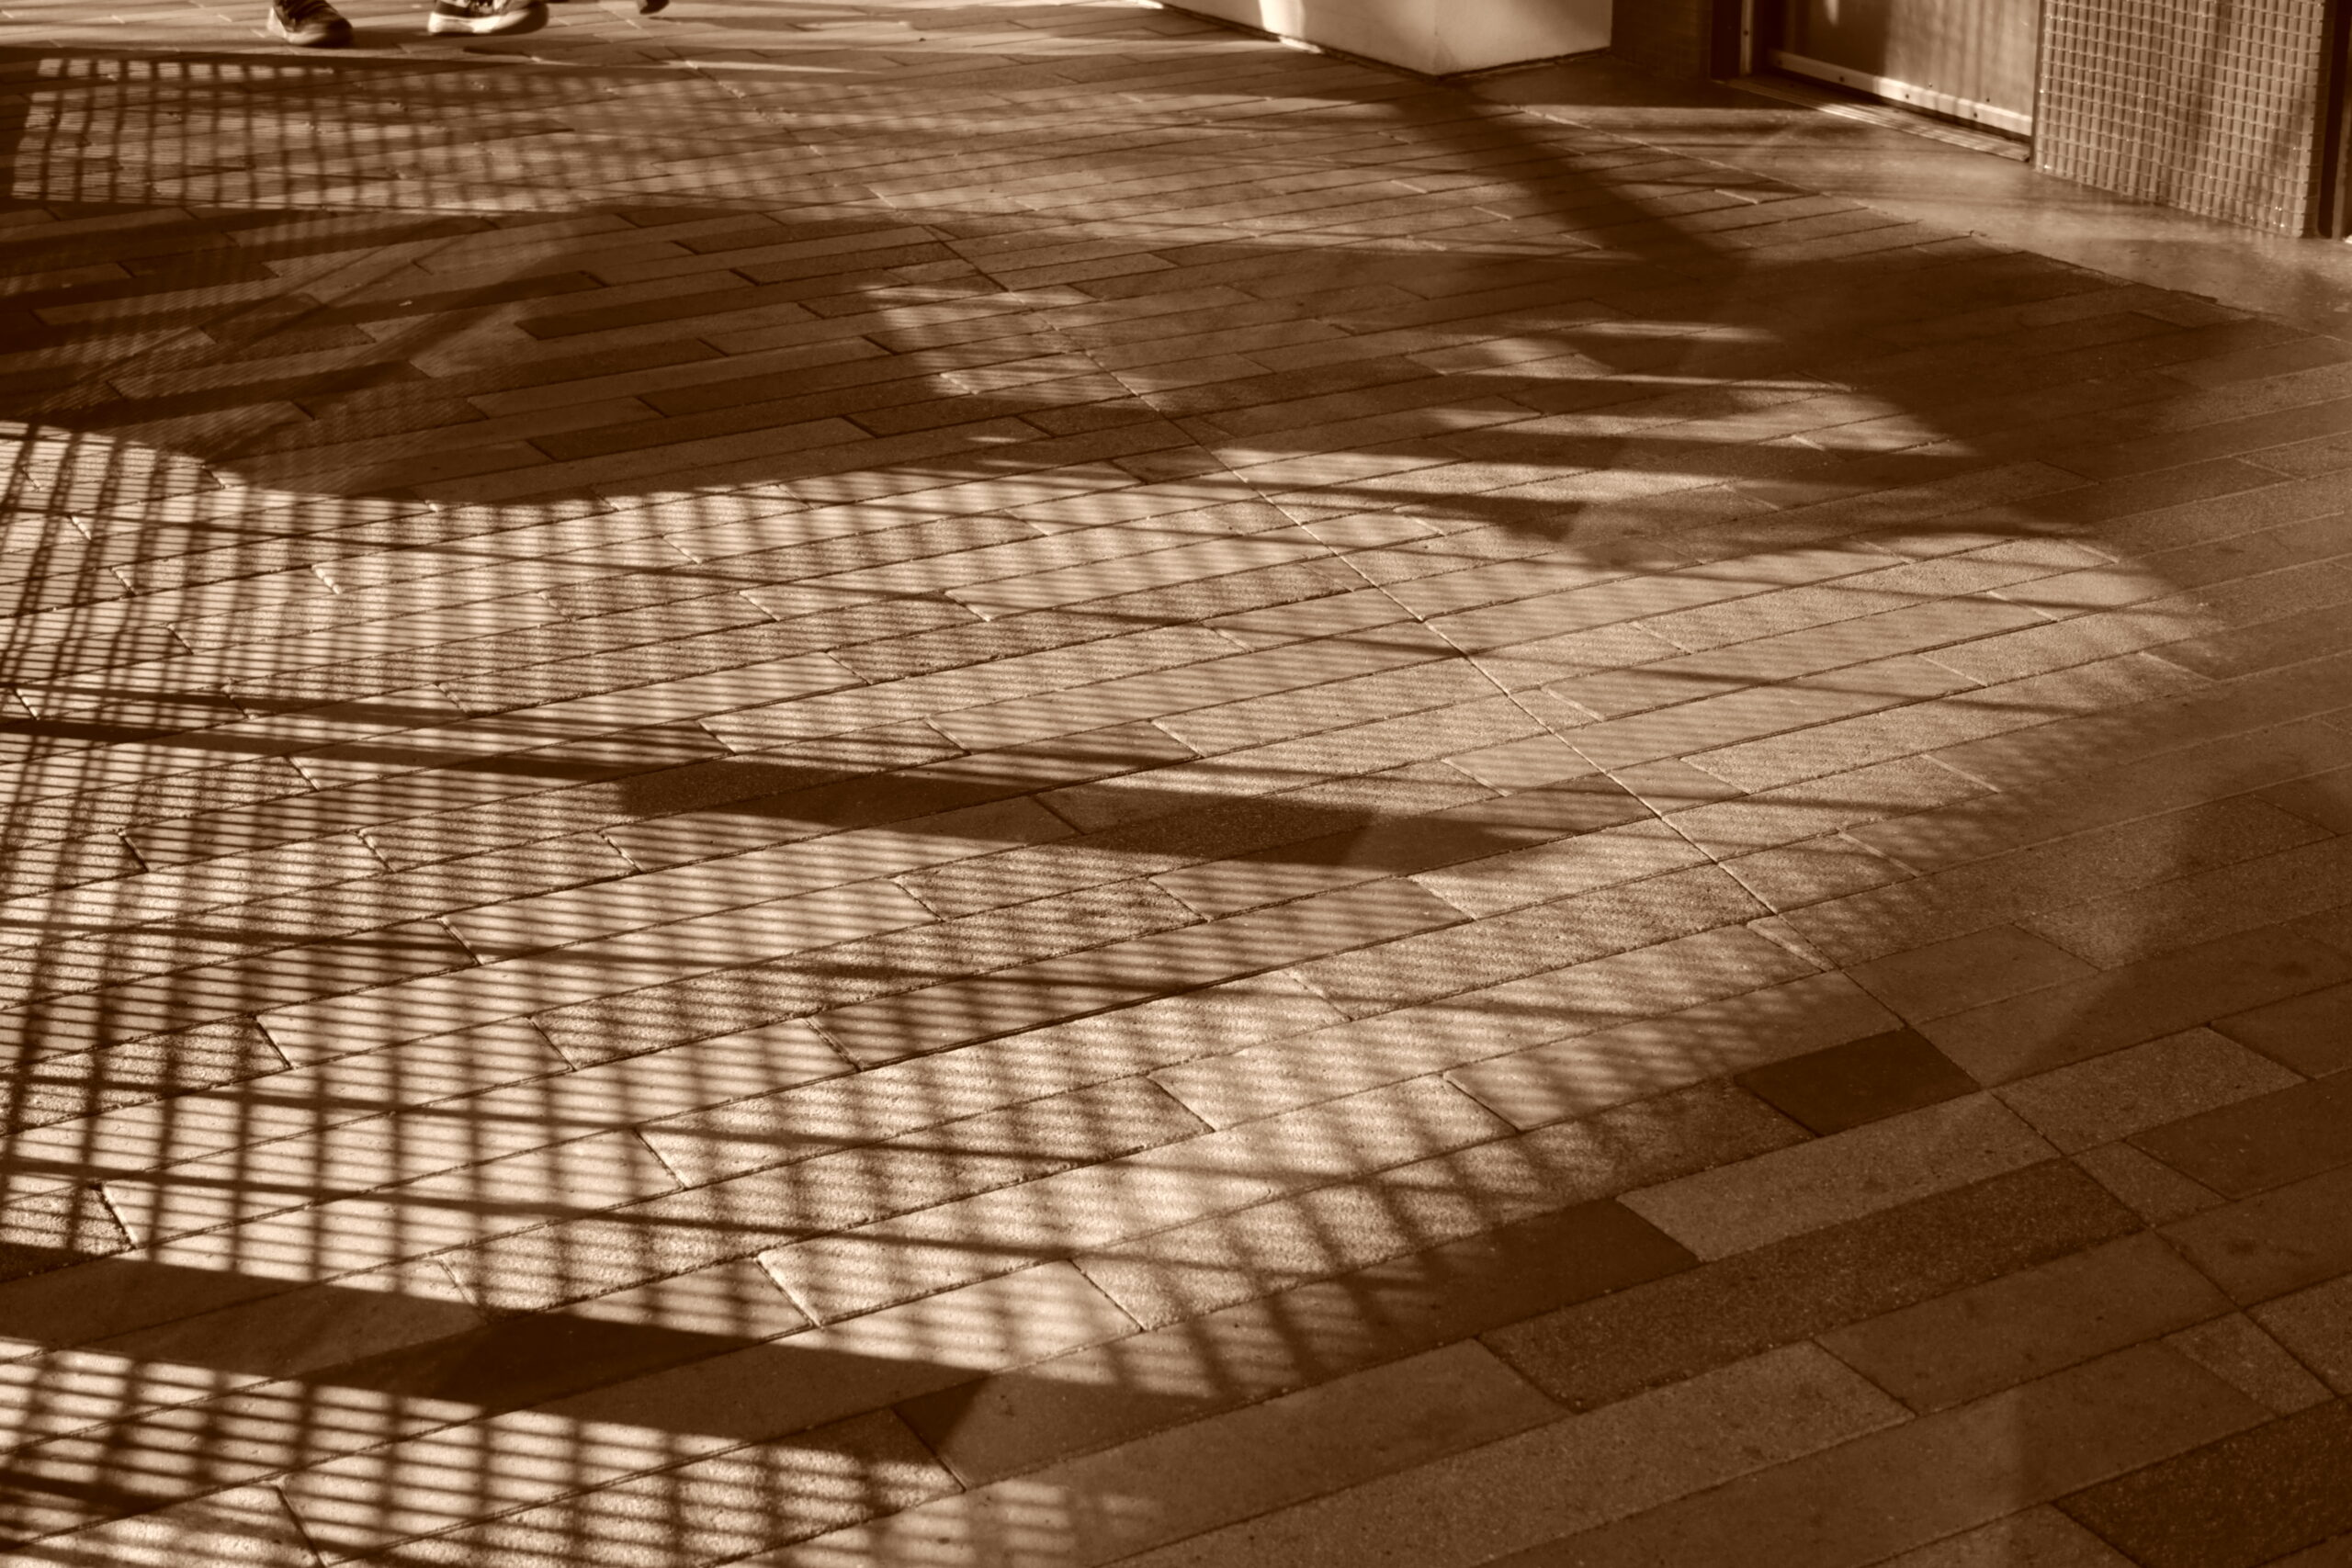 ike-zach-shadows-2